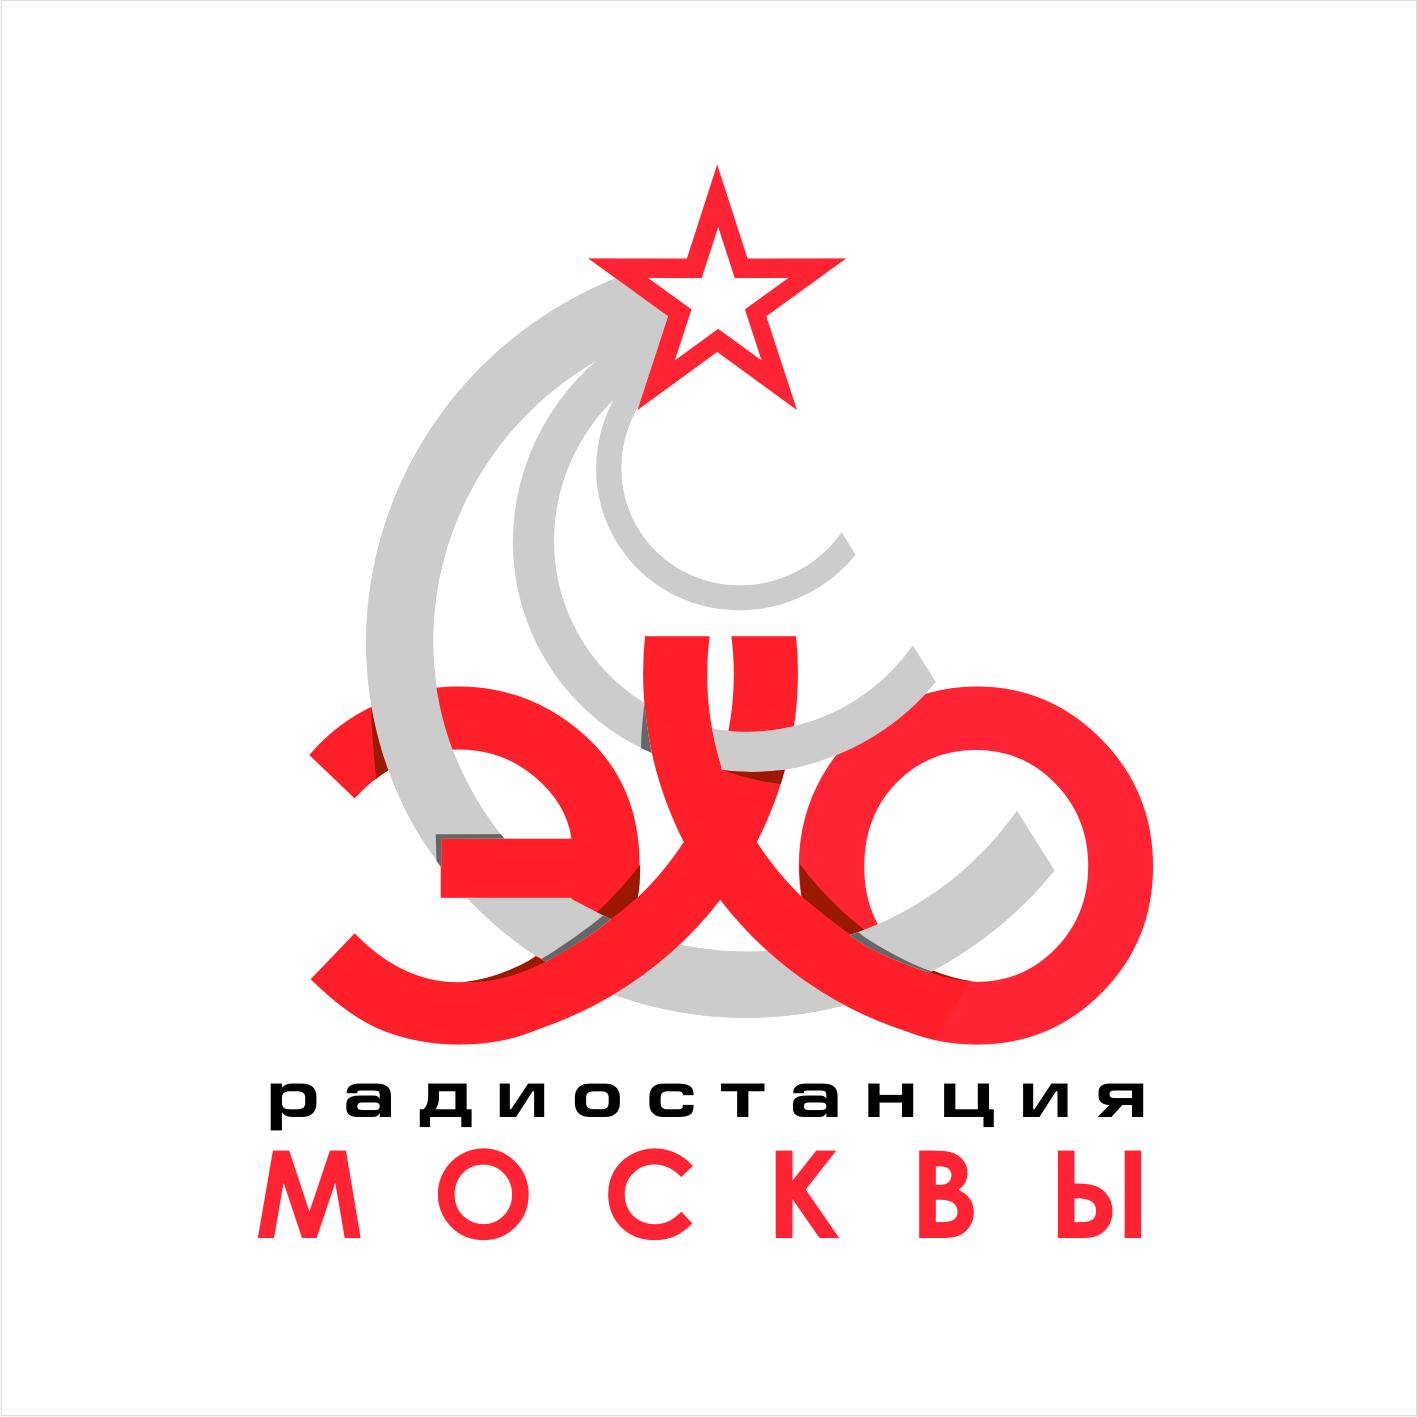 Дизайн логотипа р/с Эхо Москвы. фото f_29956266f2cda067.jpg